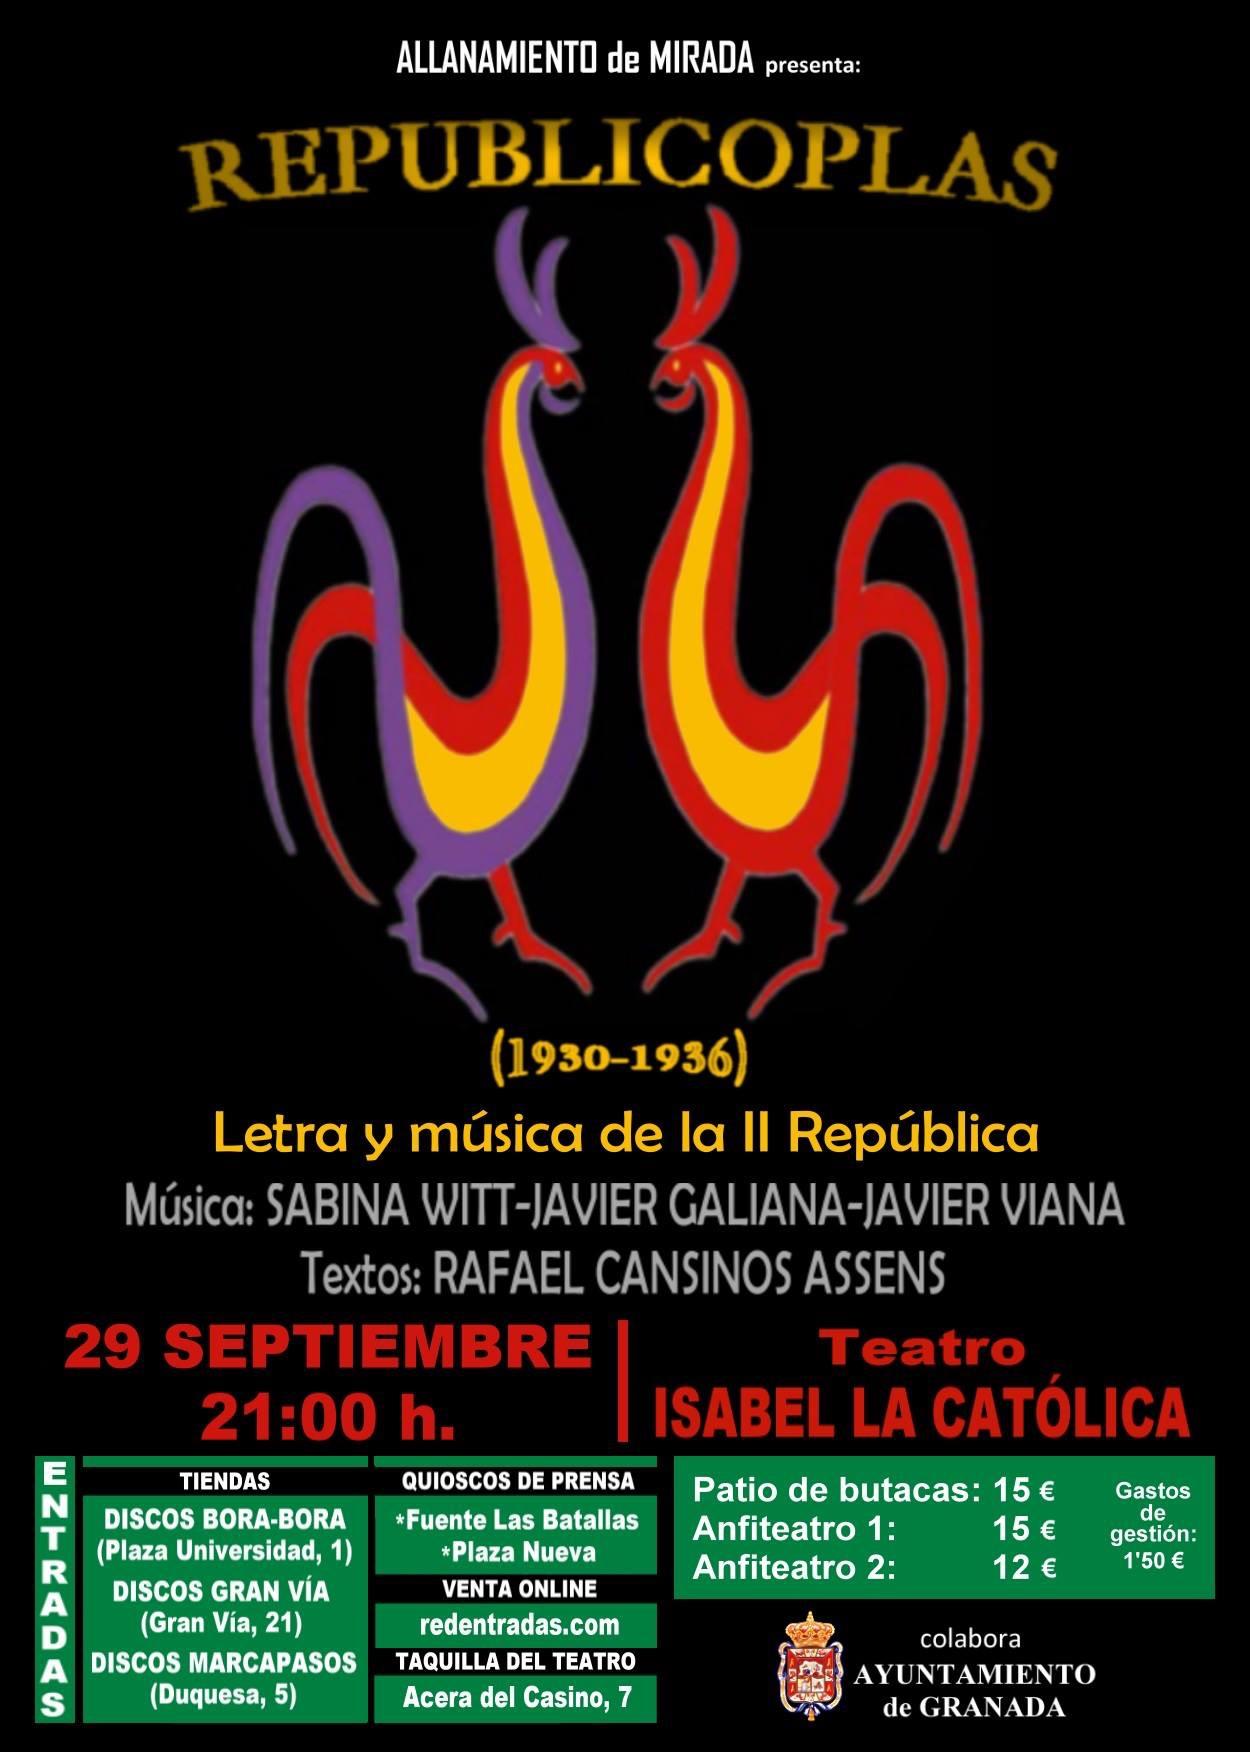 29 de setembre- Republicoplas- Teatre Isabel La Católica (Granada)- 21:30h